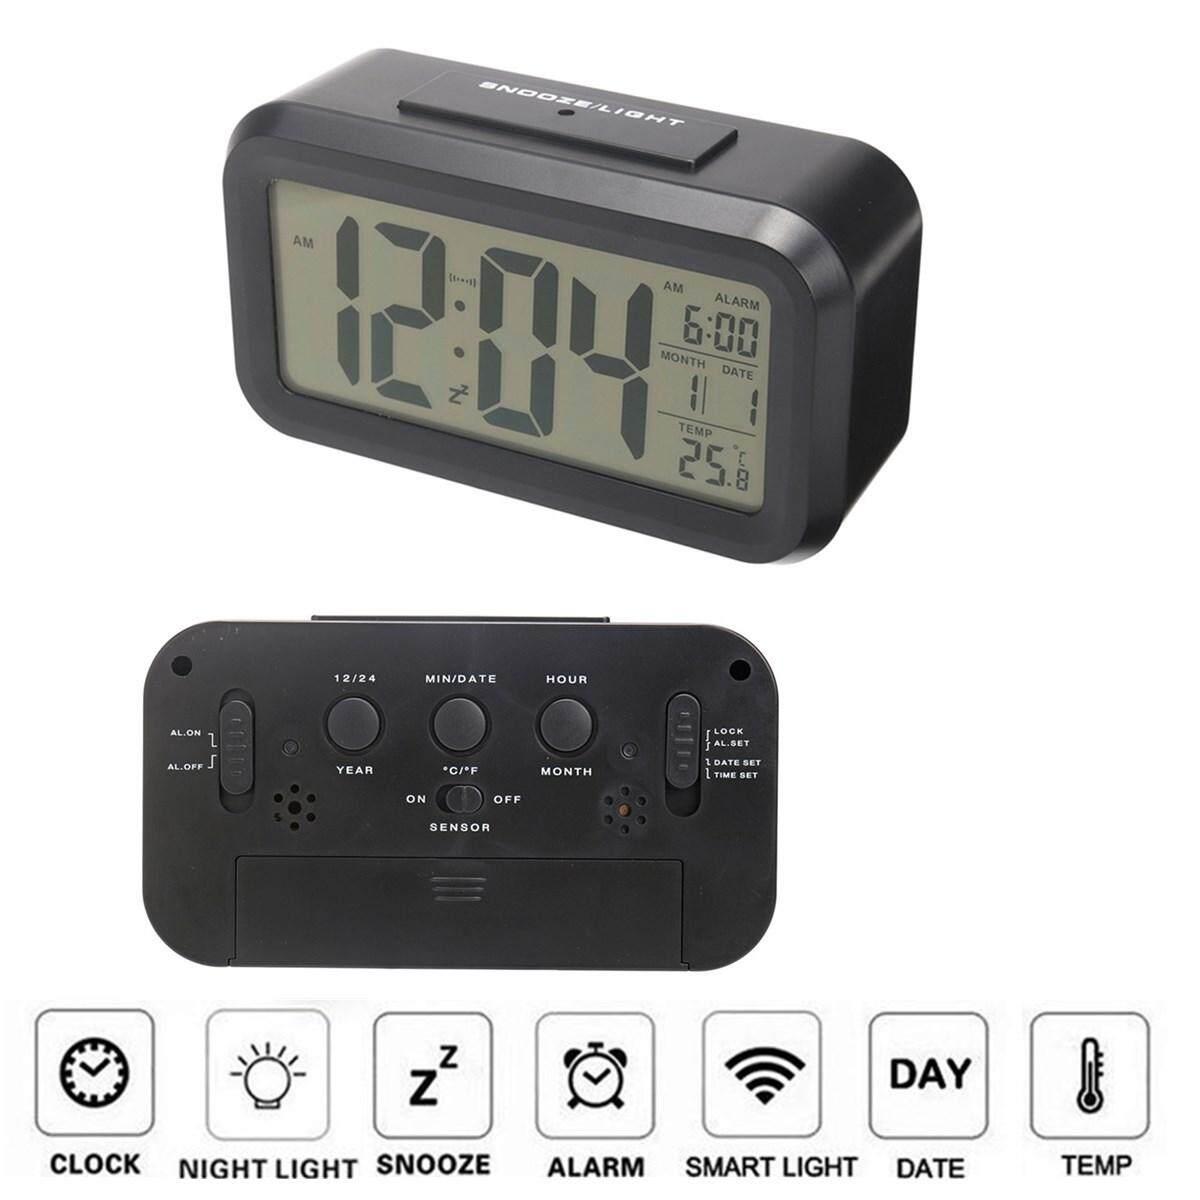 Baterai Baru Digital Jam Alarm dengan Layar LCD Kalender Lampu Latar Tunda AU # Hitam